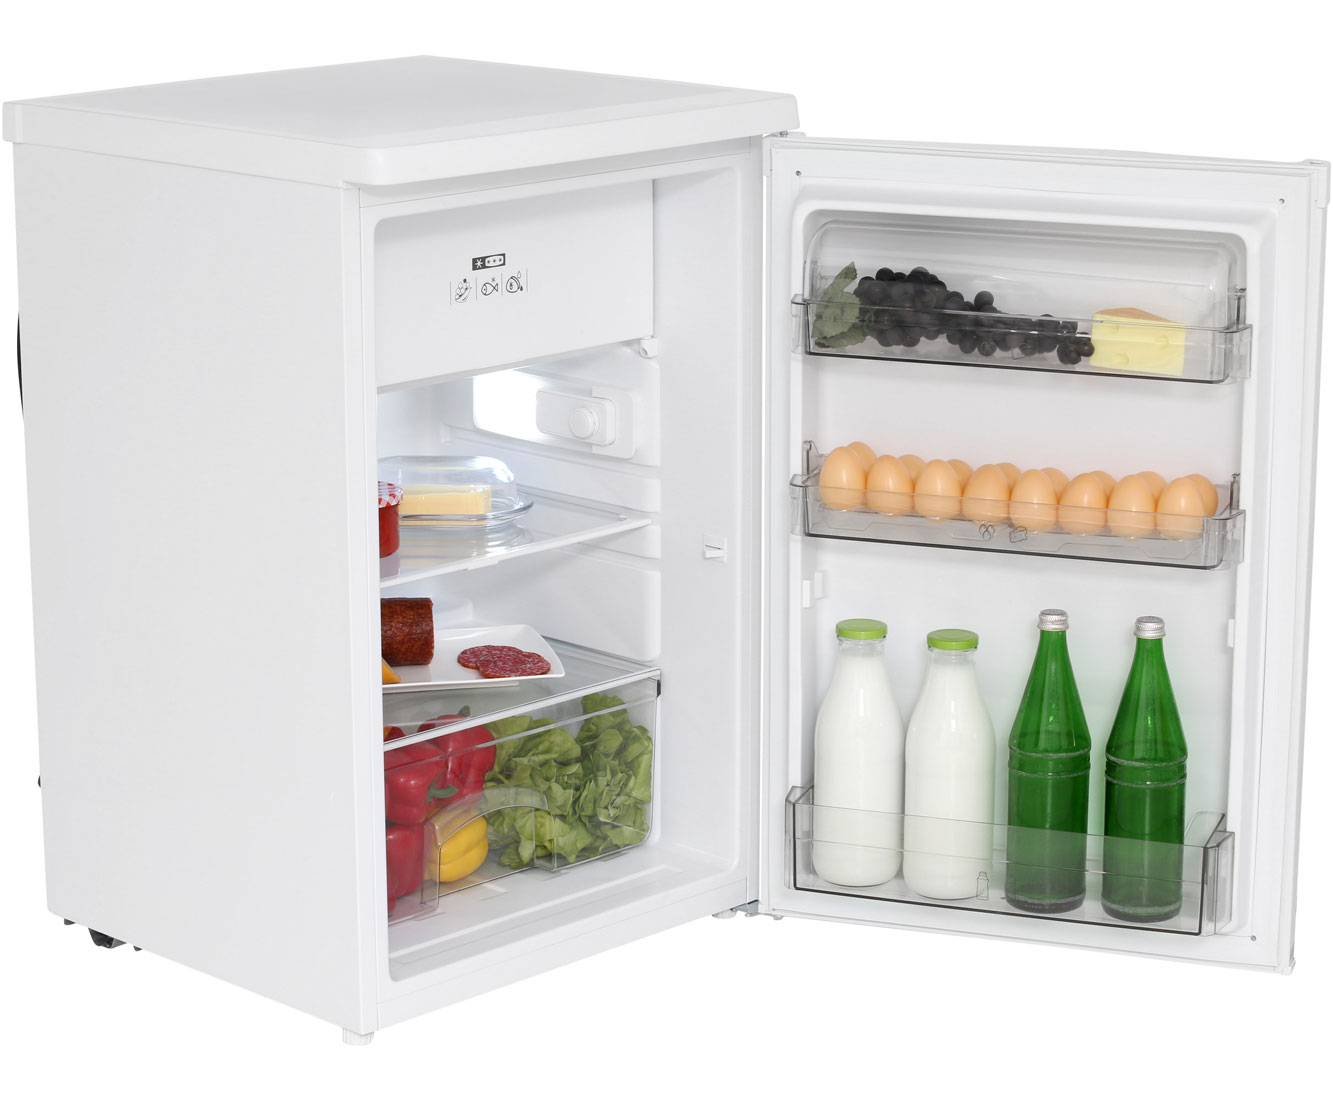 Bomann Kühlschrank Läuft Ständig : Exquisit ks a kühlschrank mit gefrierfach edelstahl